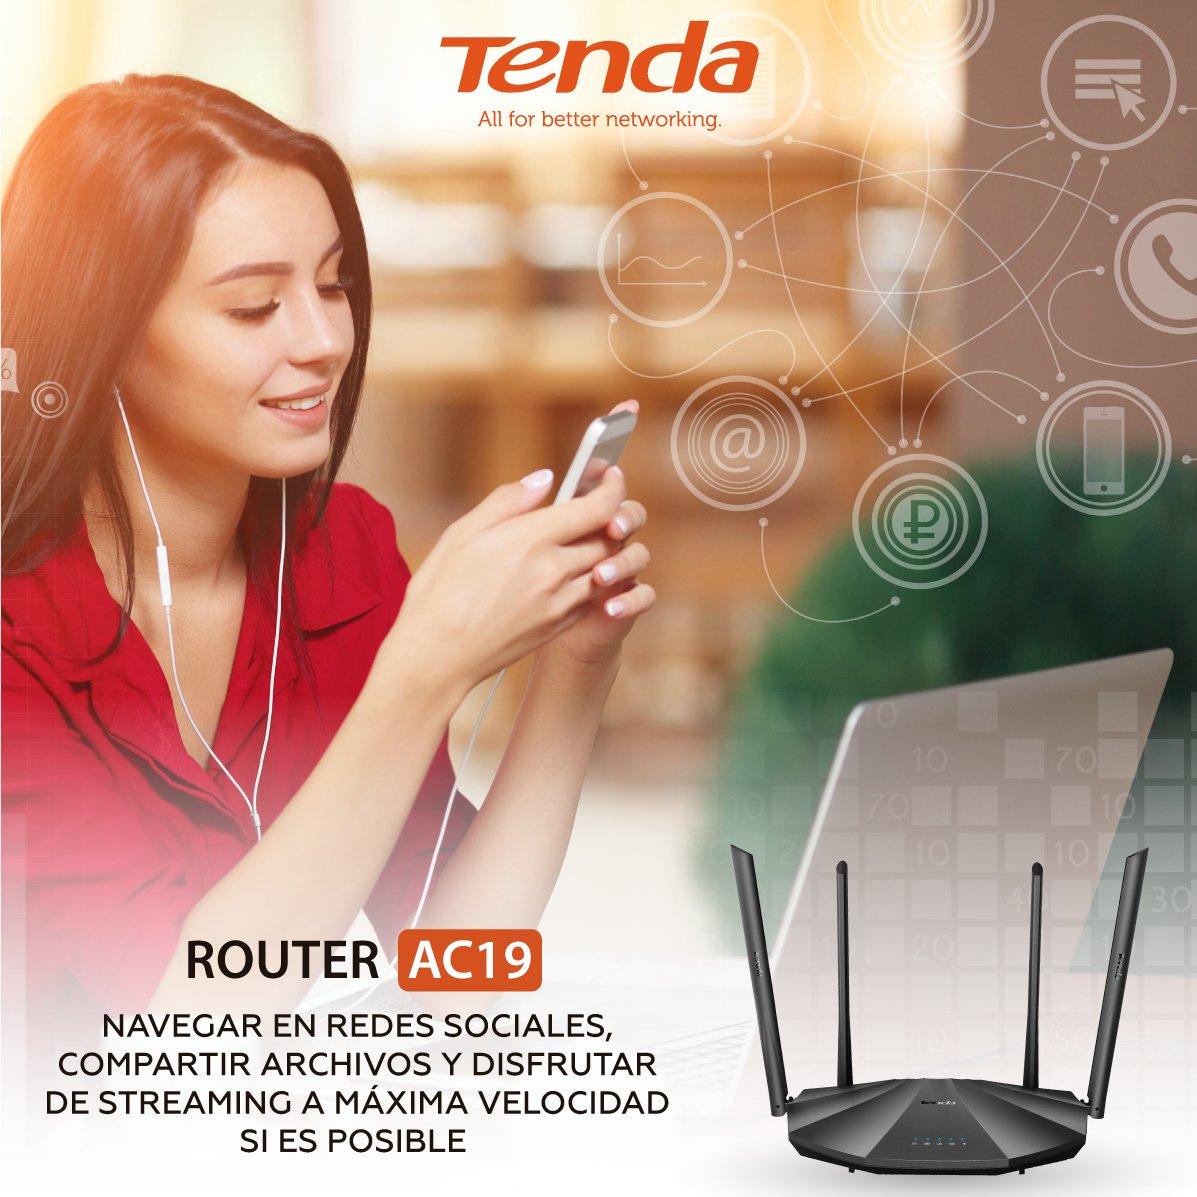 Con el Router AC19 de #Tenda puedes navegar en las redes sociales, transferir de datos y archivos de todos los tamaños, y disfrutar de todas las plataformas #streaming ; desde tu casa con uno o más dispositivos que se conecten a #WiFi, y lo mejor de todo, a máxima velocidad https://t.co/ymqsfIZVpv